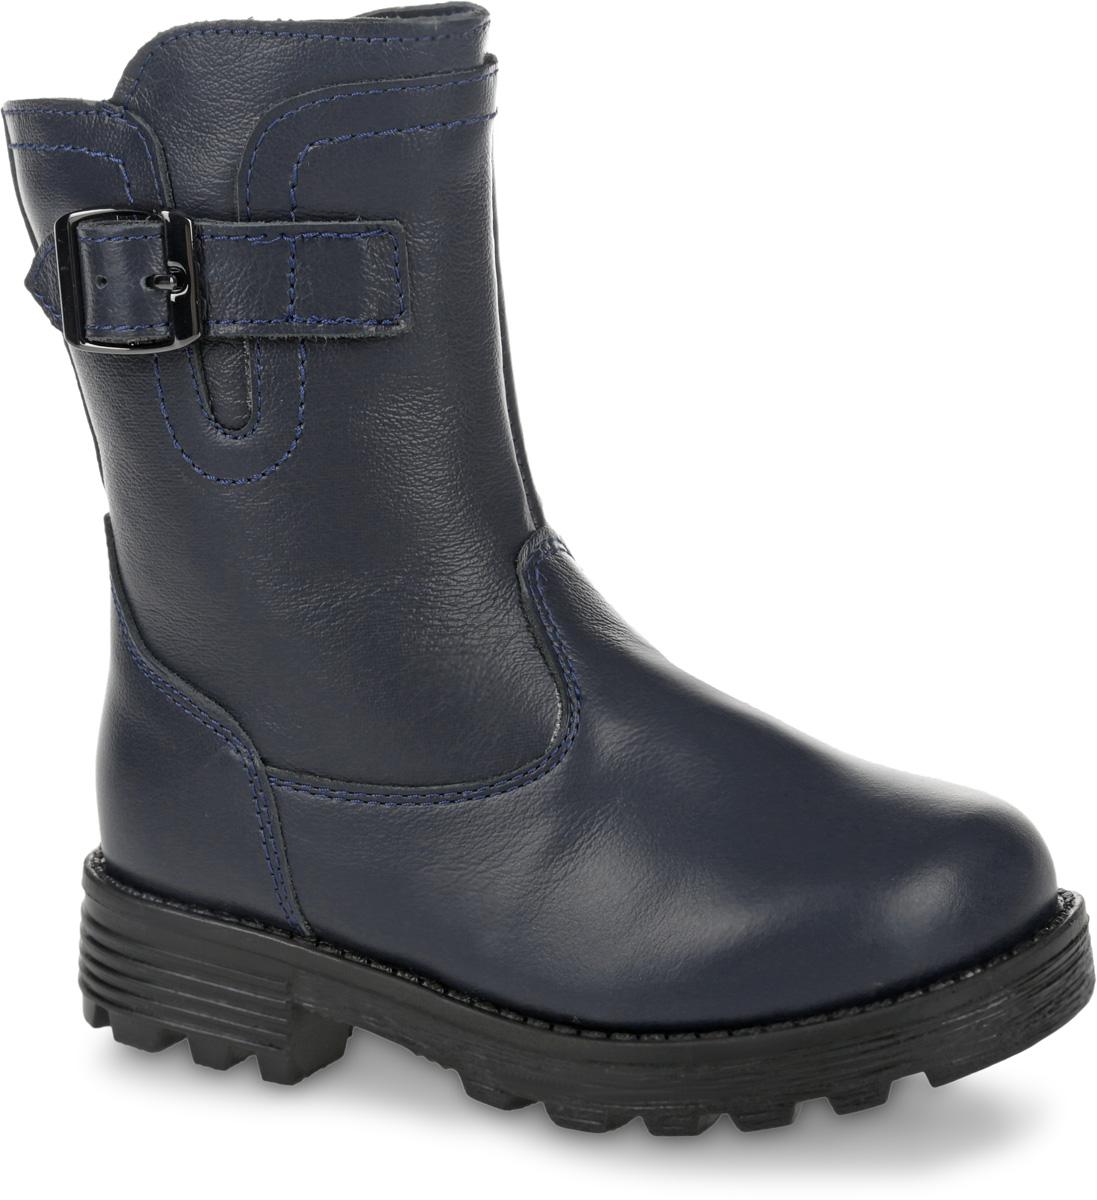 11195-1Теплые полусапоги от Зебра выполнены из натуральной кожи и оформлены декоративным ремешком. Застежка-молния надежно фиксирует изделие на ноге. Мягкая подкладка и стелька из натурального меха обеспечивают тепло, циркуляцию воздуха и сохраняют комфортный микроклимат в обуви. Подошва с рифлением гарантирует идеальное сцепление с любыми поверхностями.